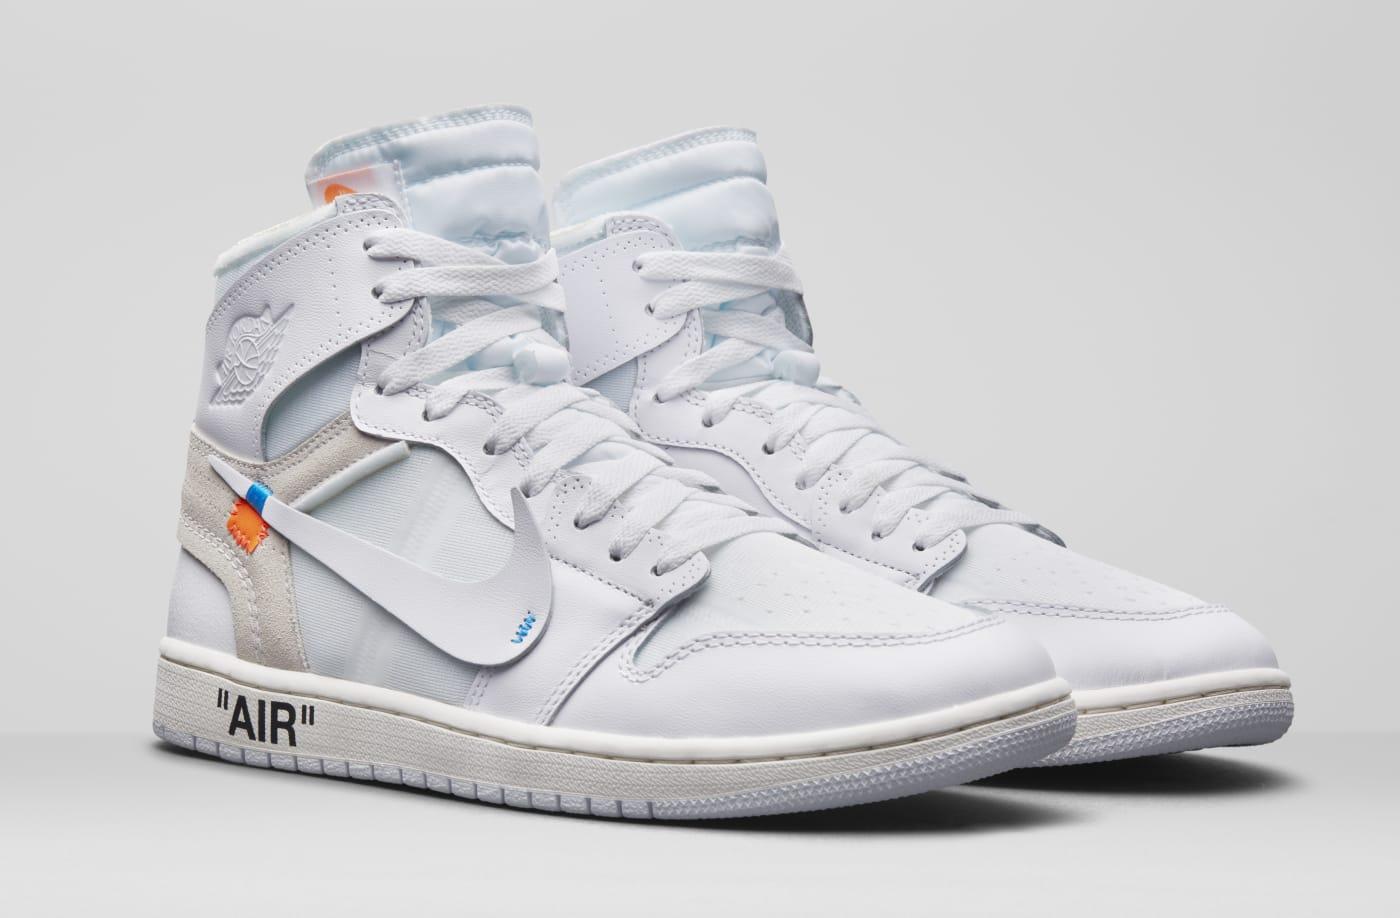 Air Jordan 1 x Off White AQ0818 100 (Pair)